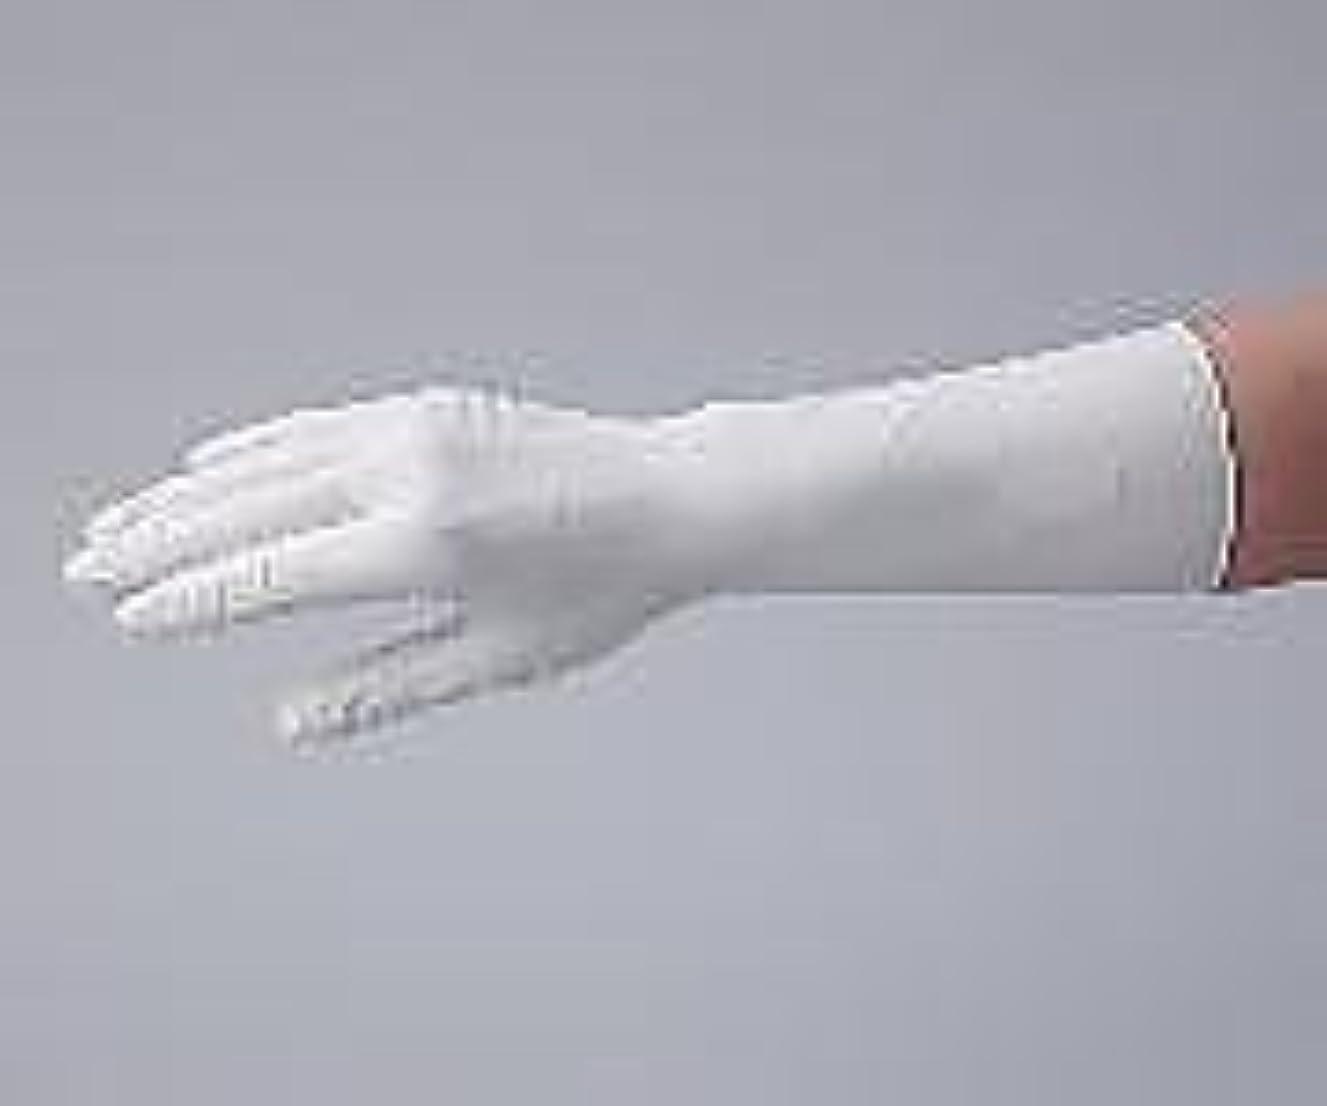 警戒ゲートウェイスプレーアズピュア(アズワン)1-2324-53アズピュアクリーンファーストニトリル手袋(ペアタイプ)クリーンパックM左右各50枚×10袋入